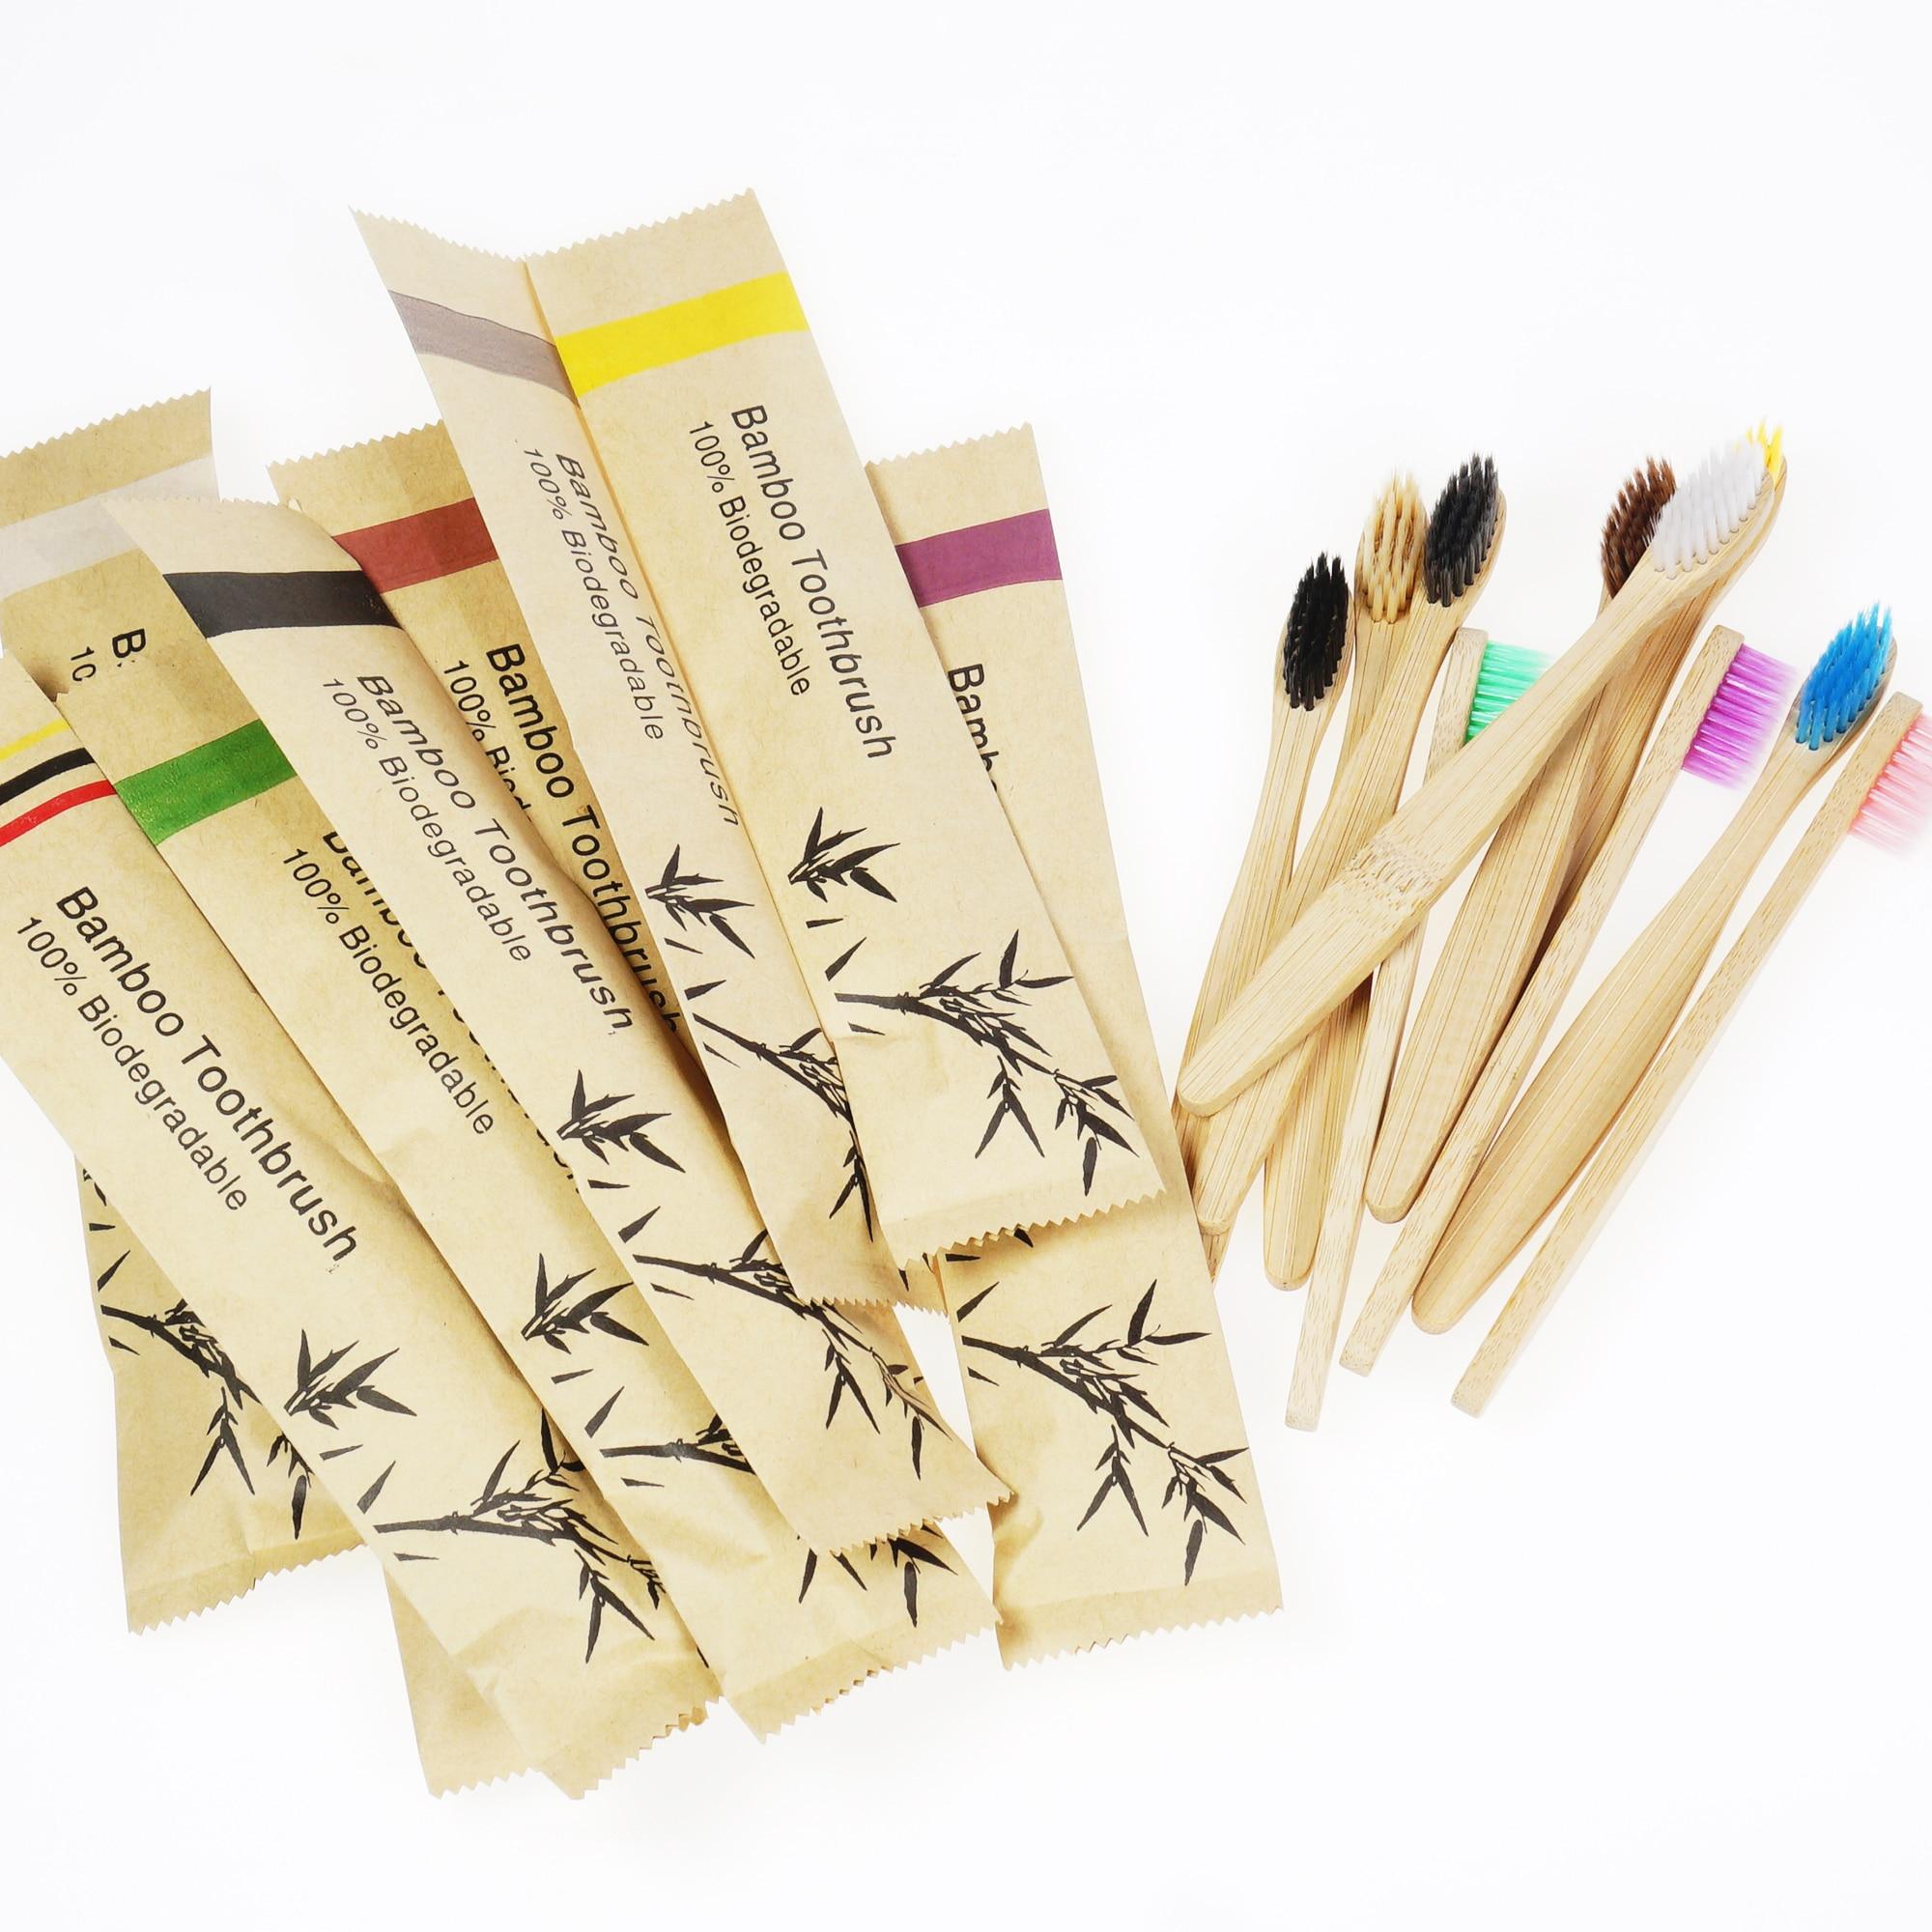 Детские экологически чистые бамбуковые зубные щетки 5/10 шт., портативные детские деревянные мягкие зубные щетки для дома, путешествий, отеля